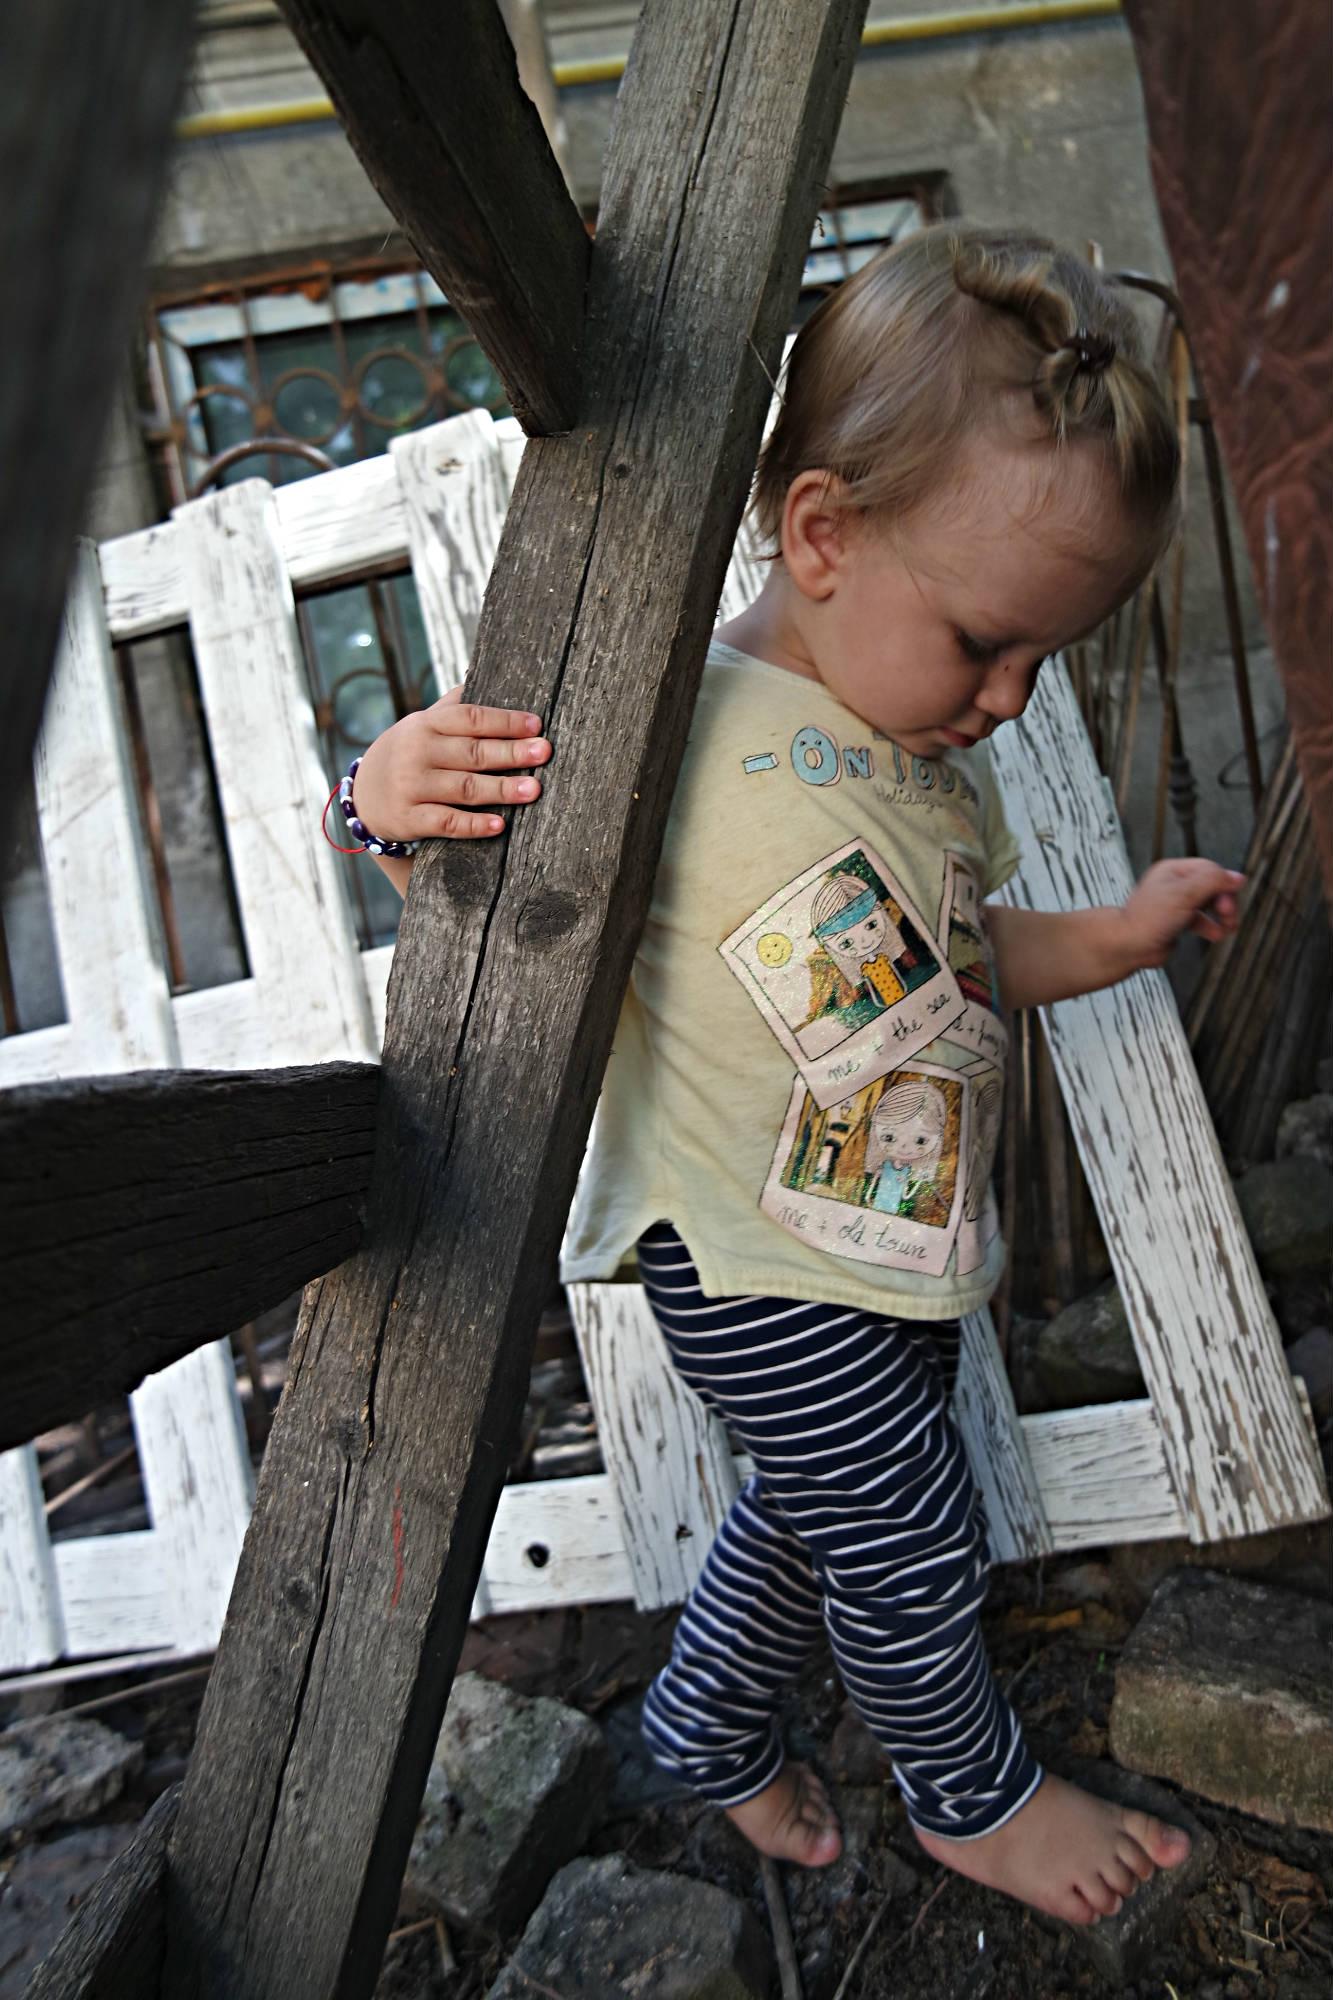 După cum vă imaginați, Ingrid petrece mult timp în grădină, la joacă. :)